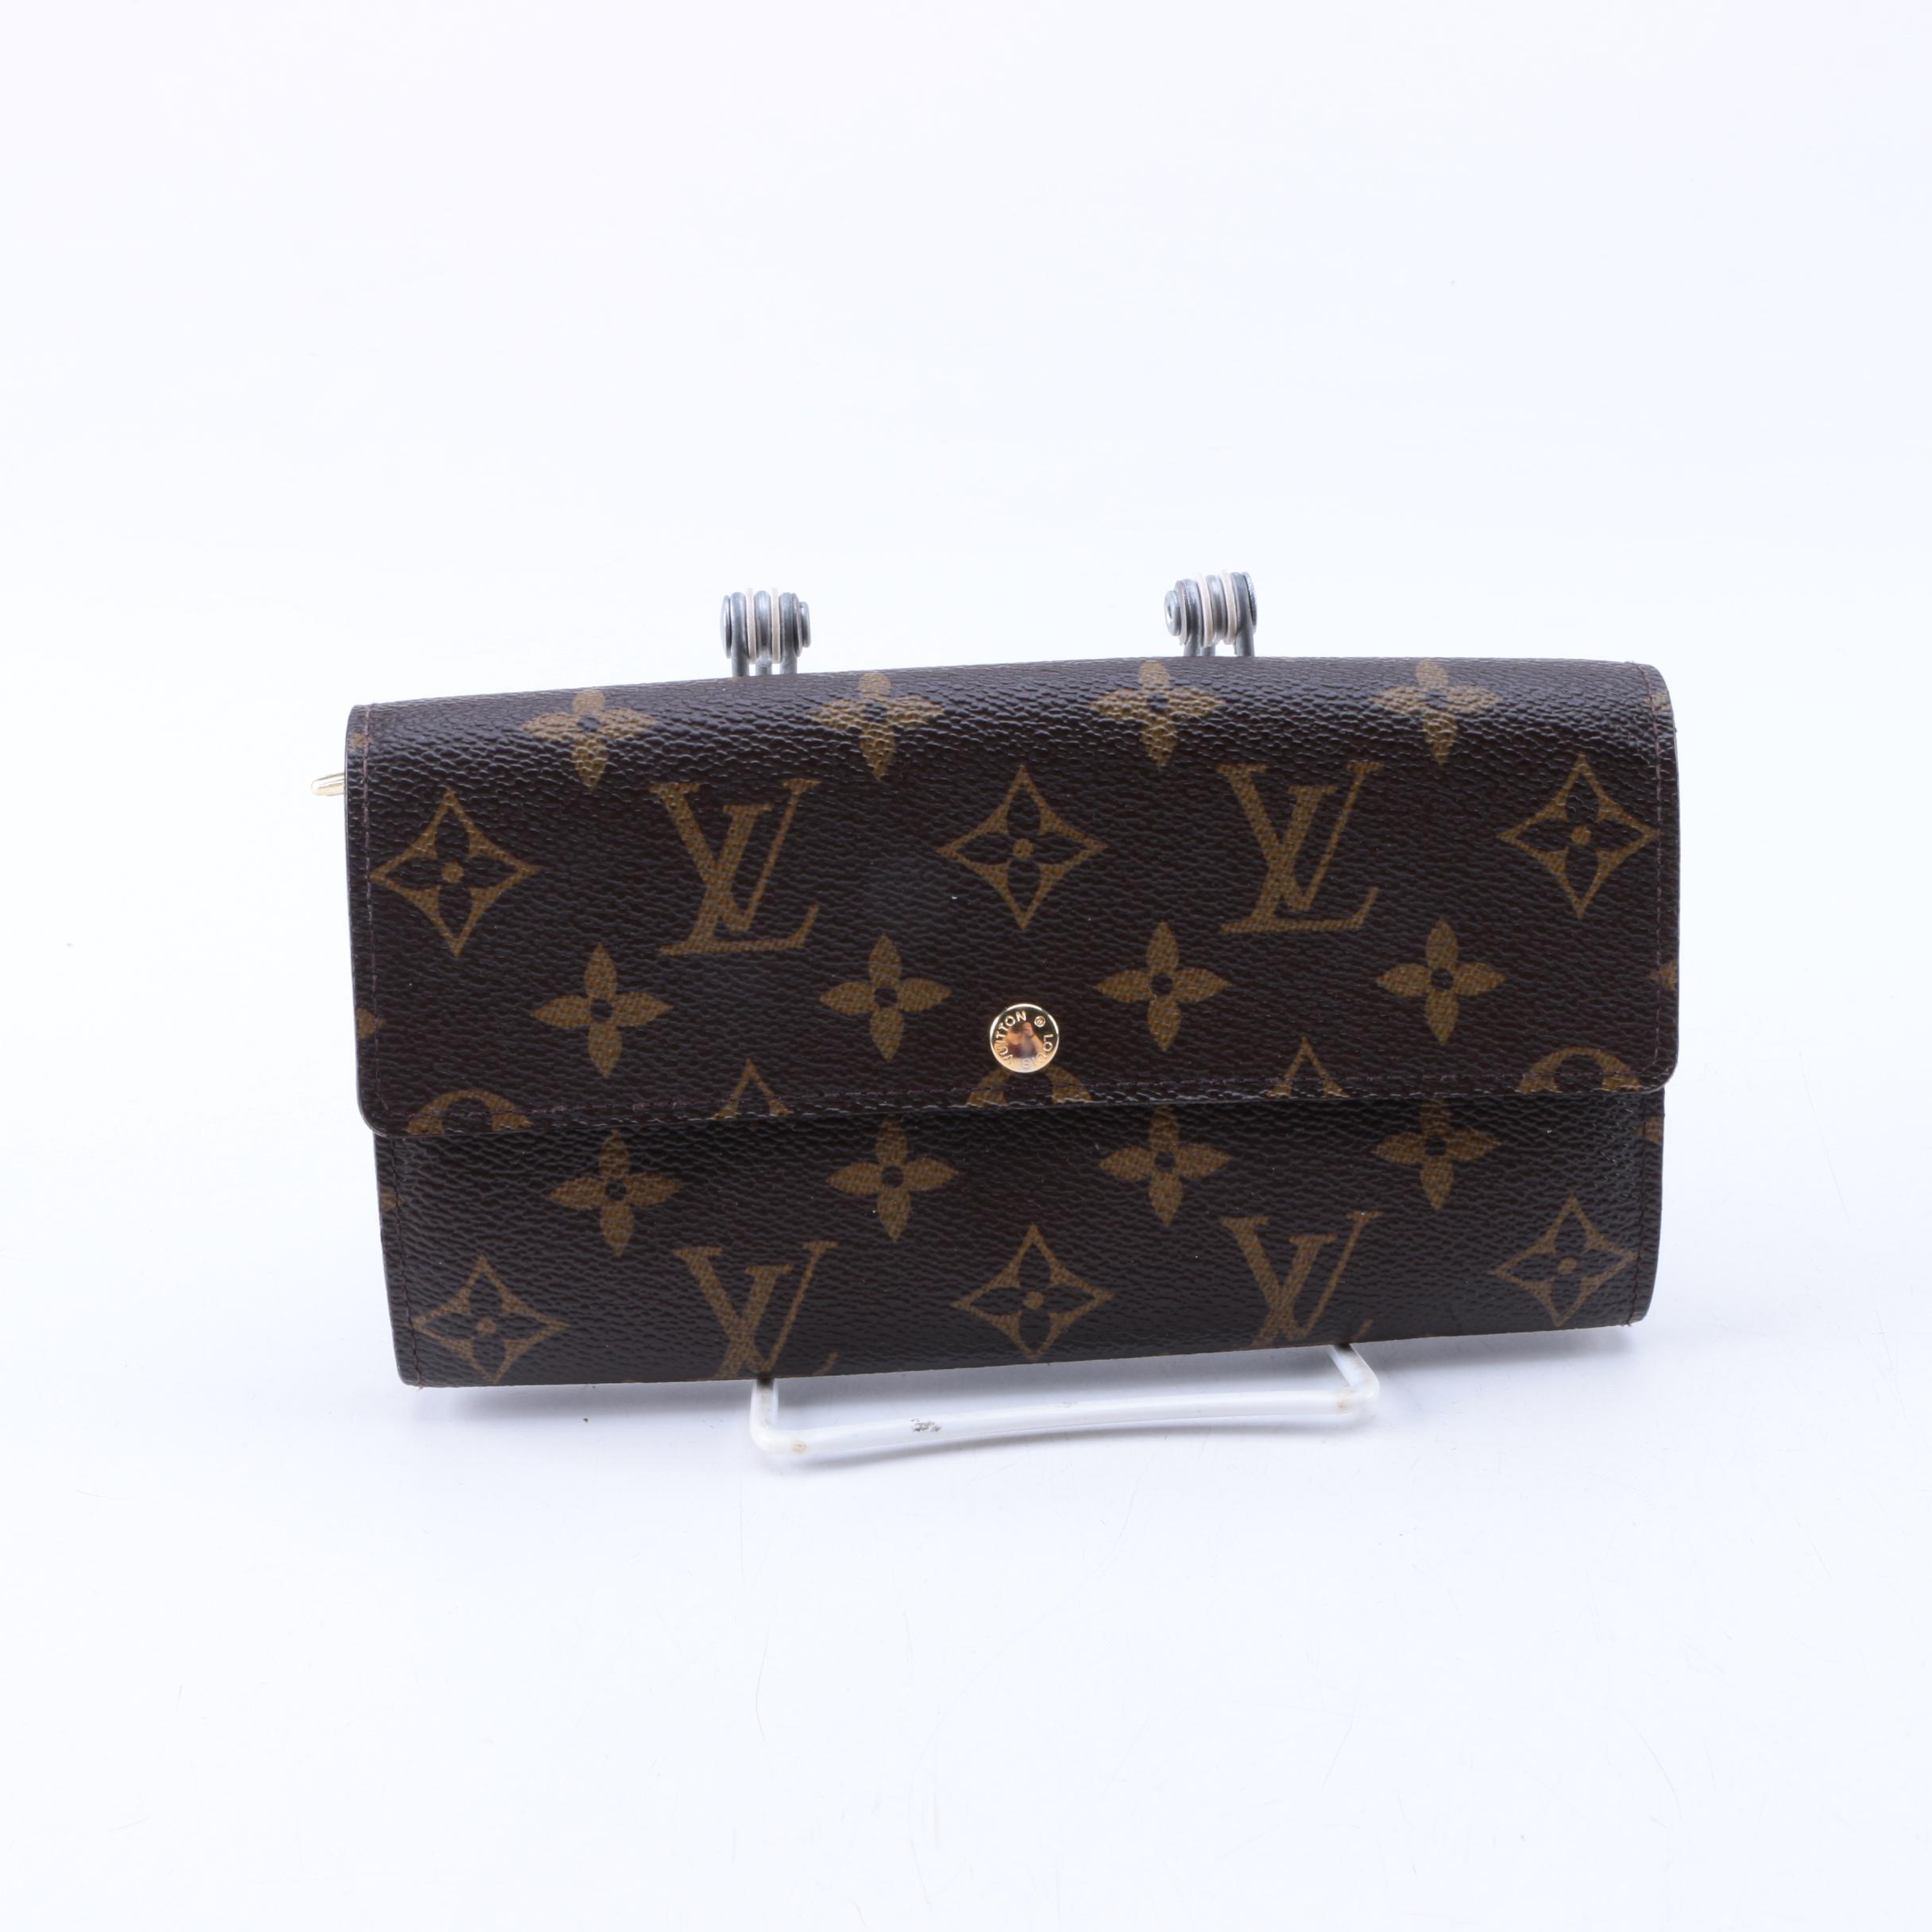 Louis Vuitton Monogram Fleuri Sarah Wallet